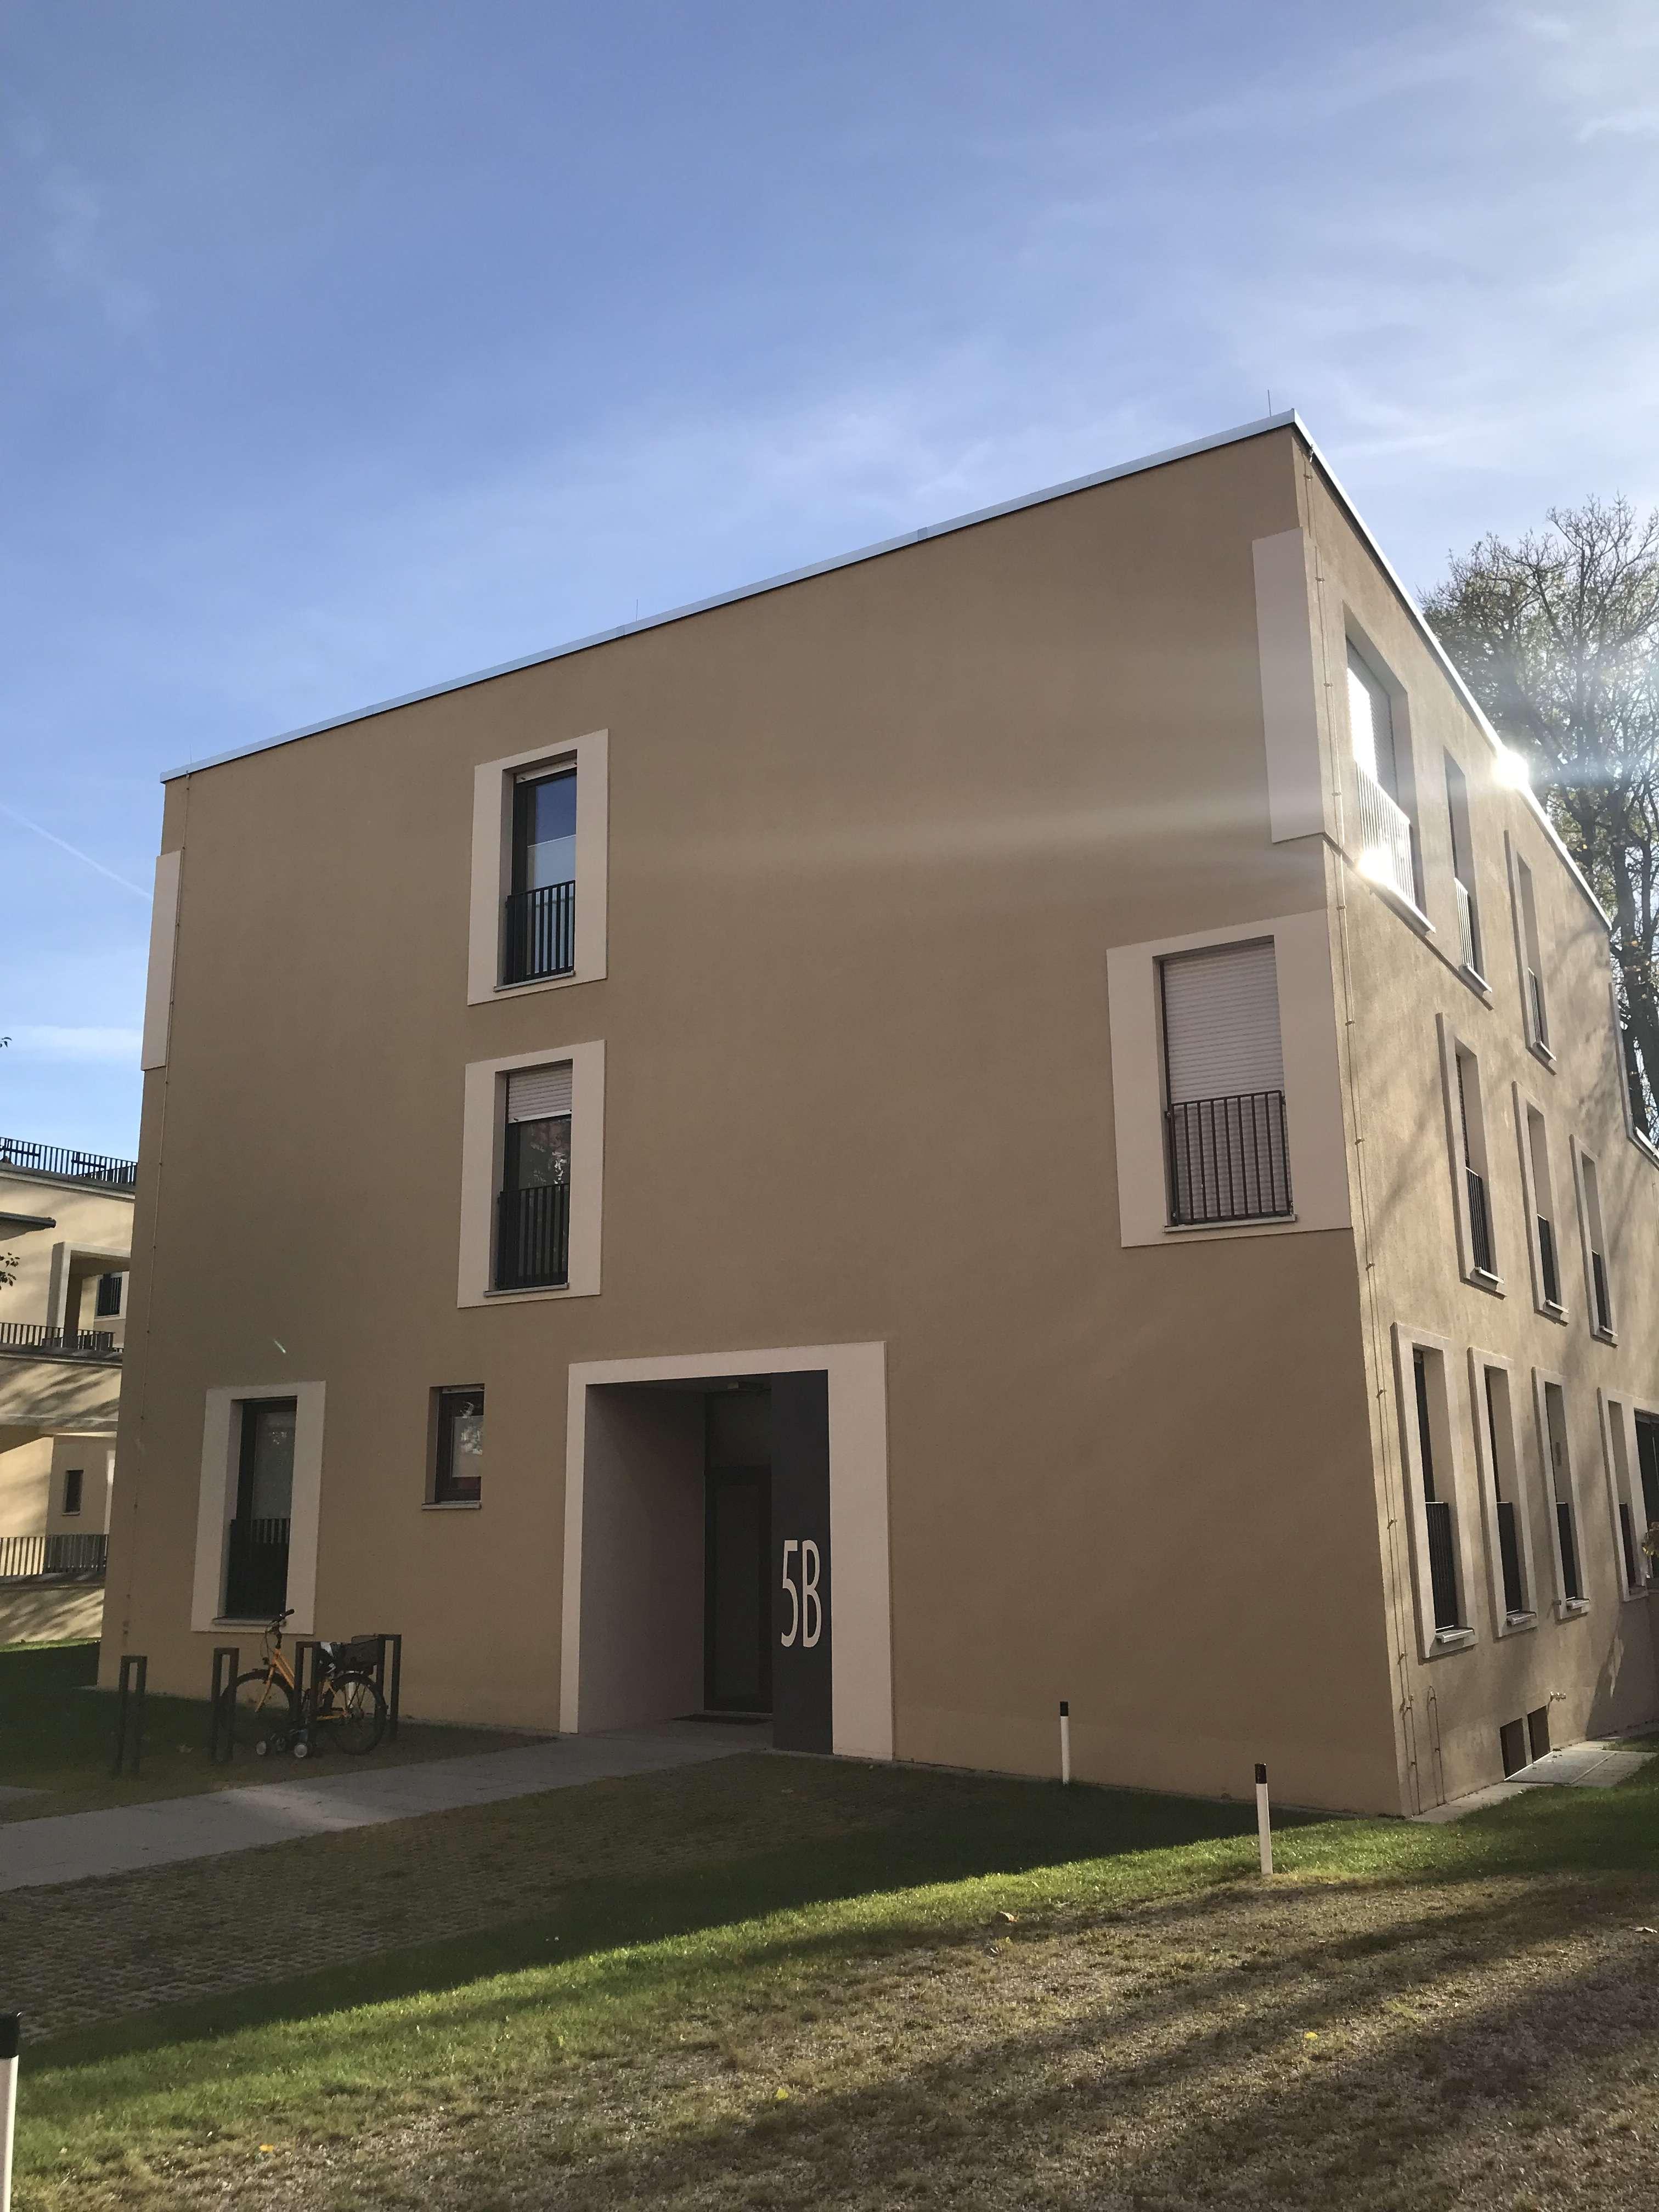 ** Hochwertige und moderne 3 ZKB Wohnung in Top-Lage inkl. EBK ** in Augsburg-Innenstadt